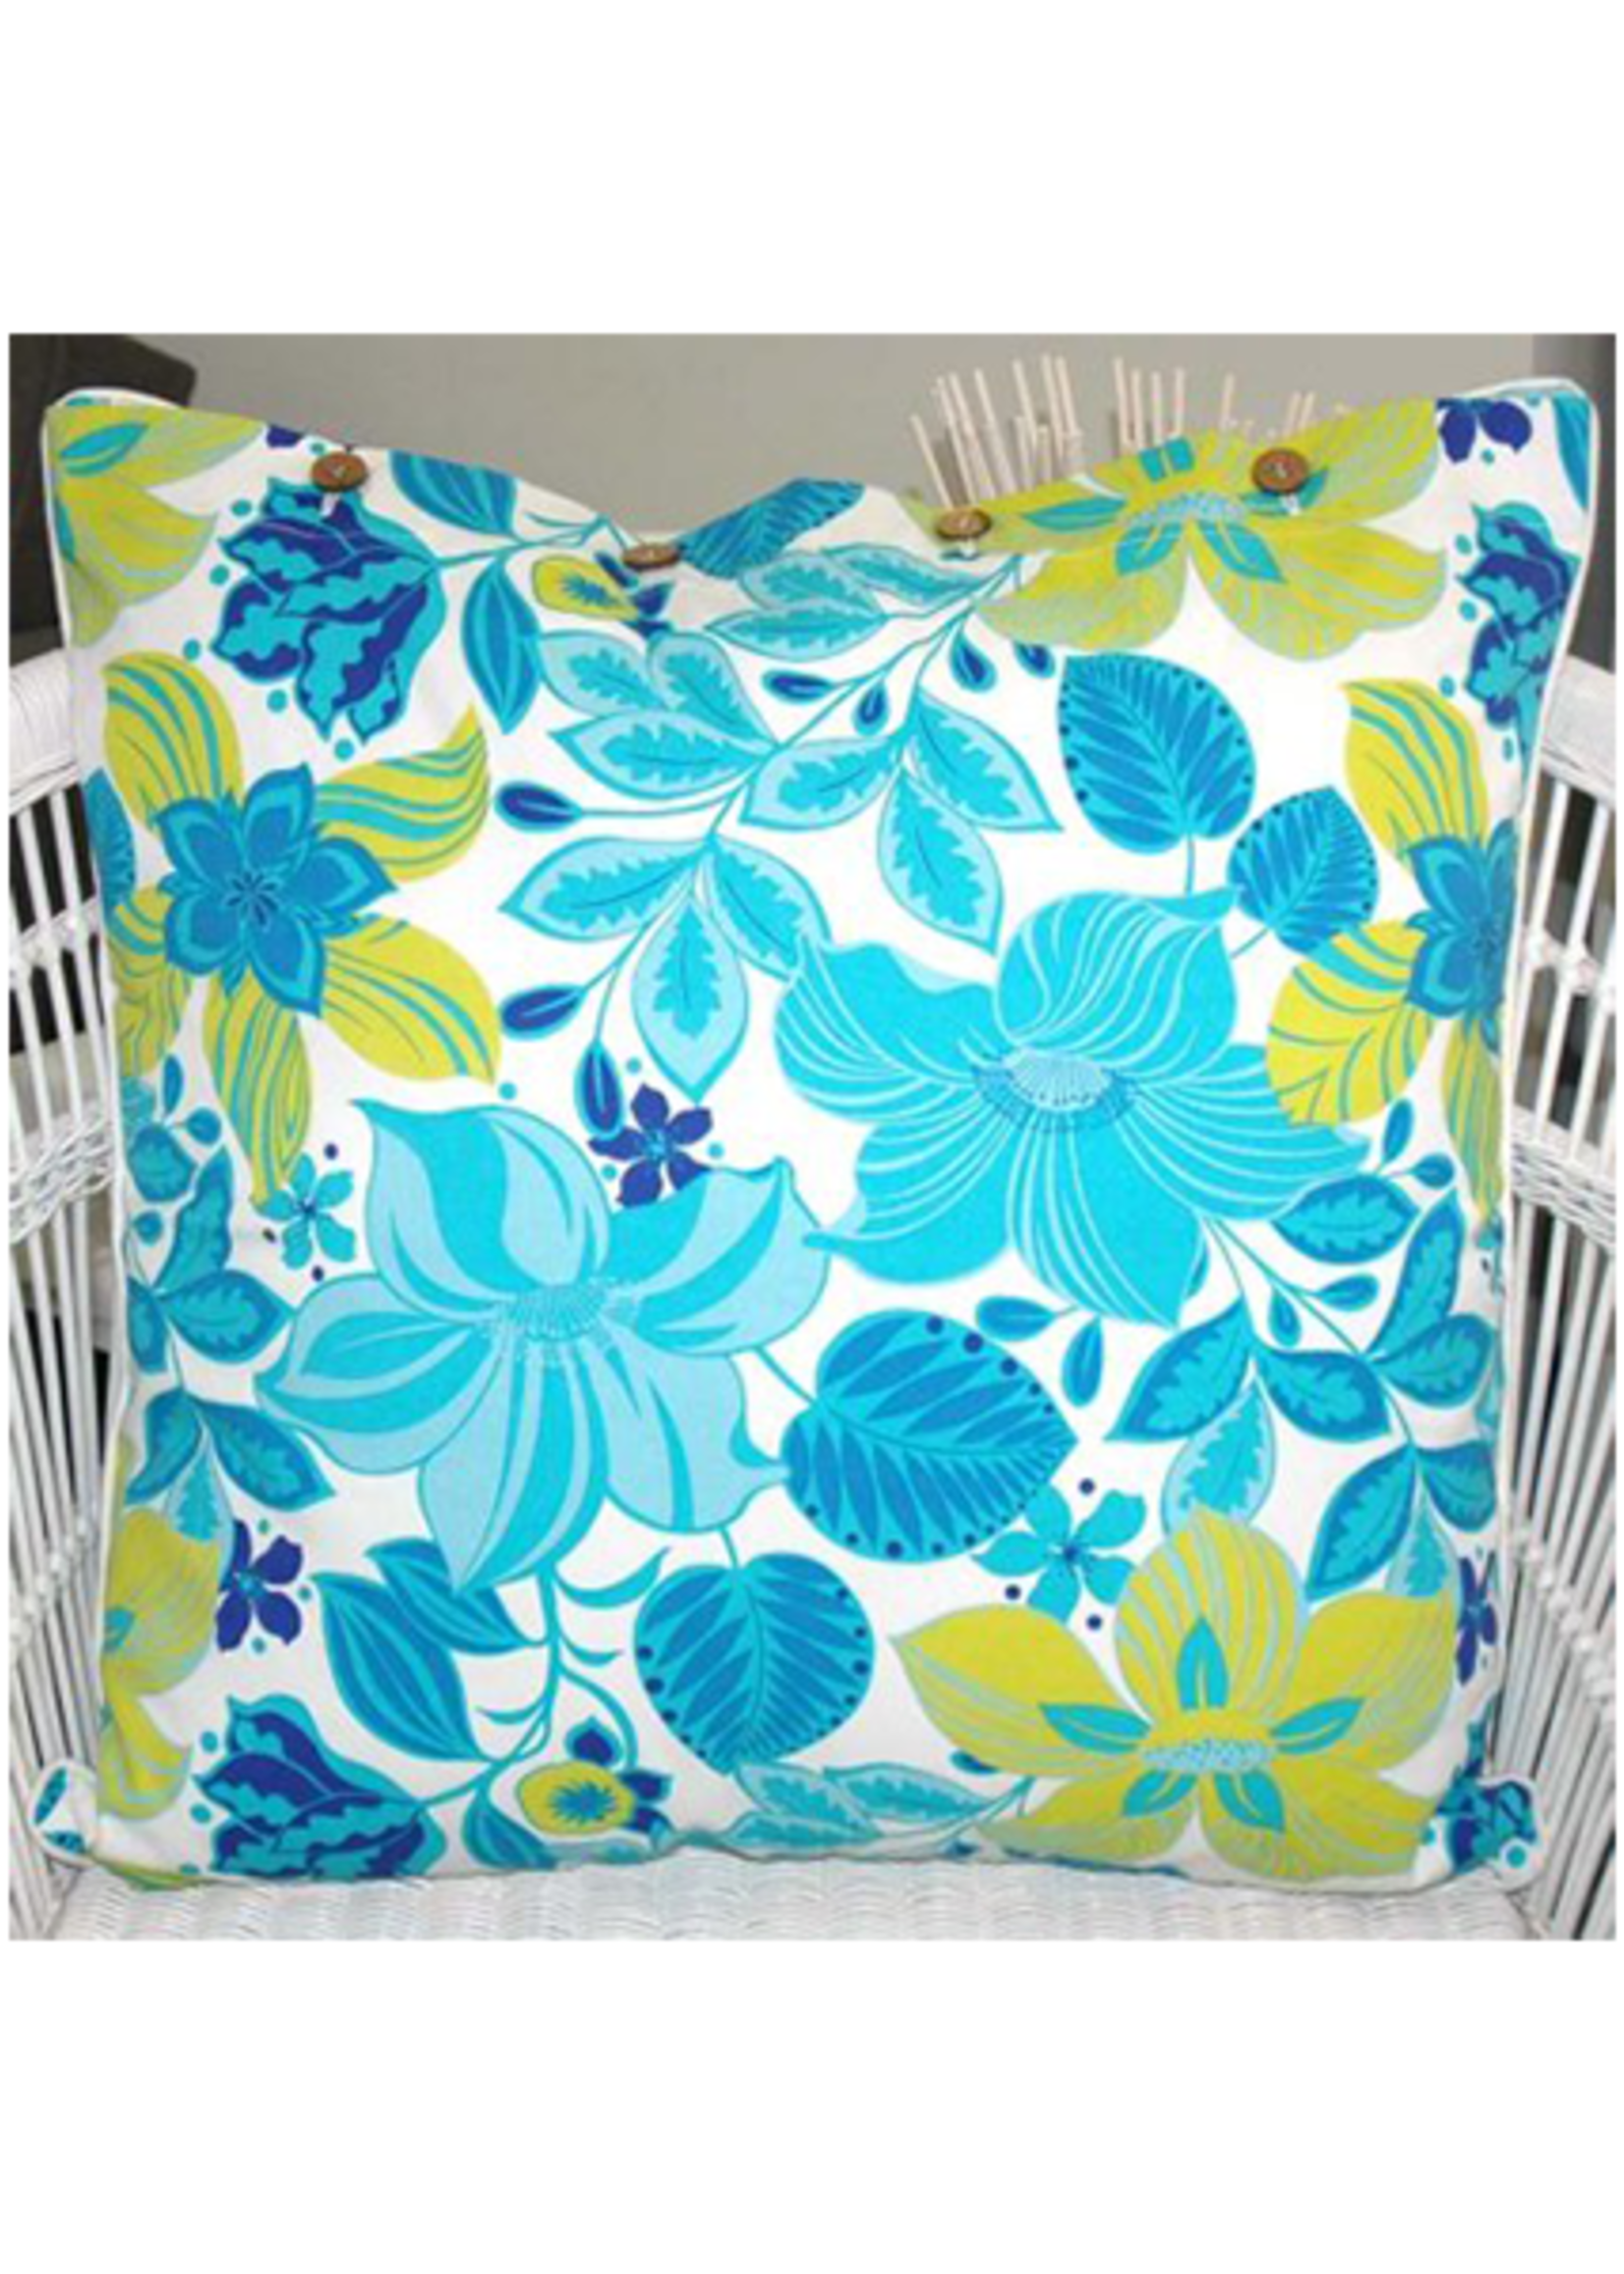 Craft Studio Hibiscus Turquoise Cushion Cover 60x60cm